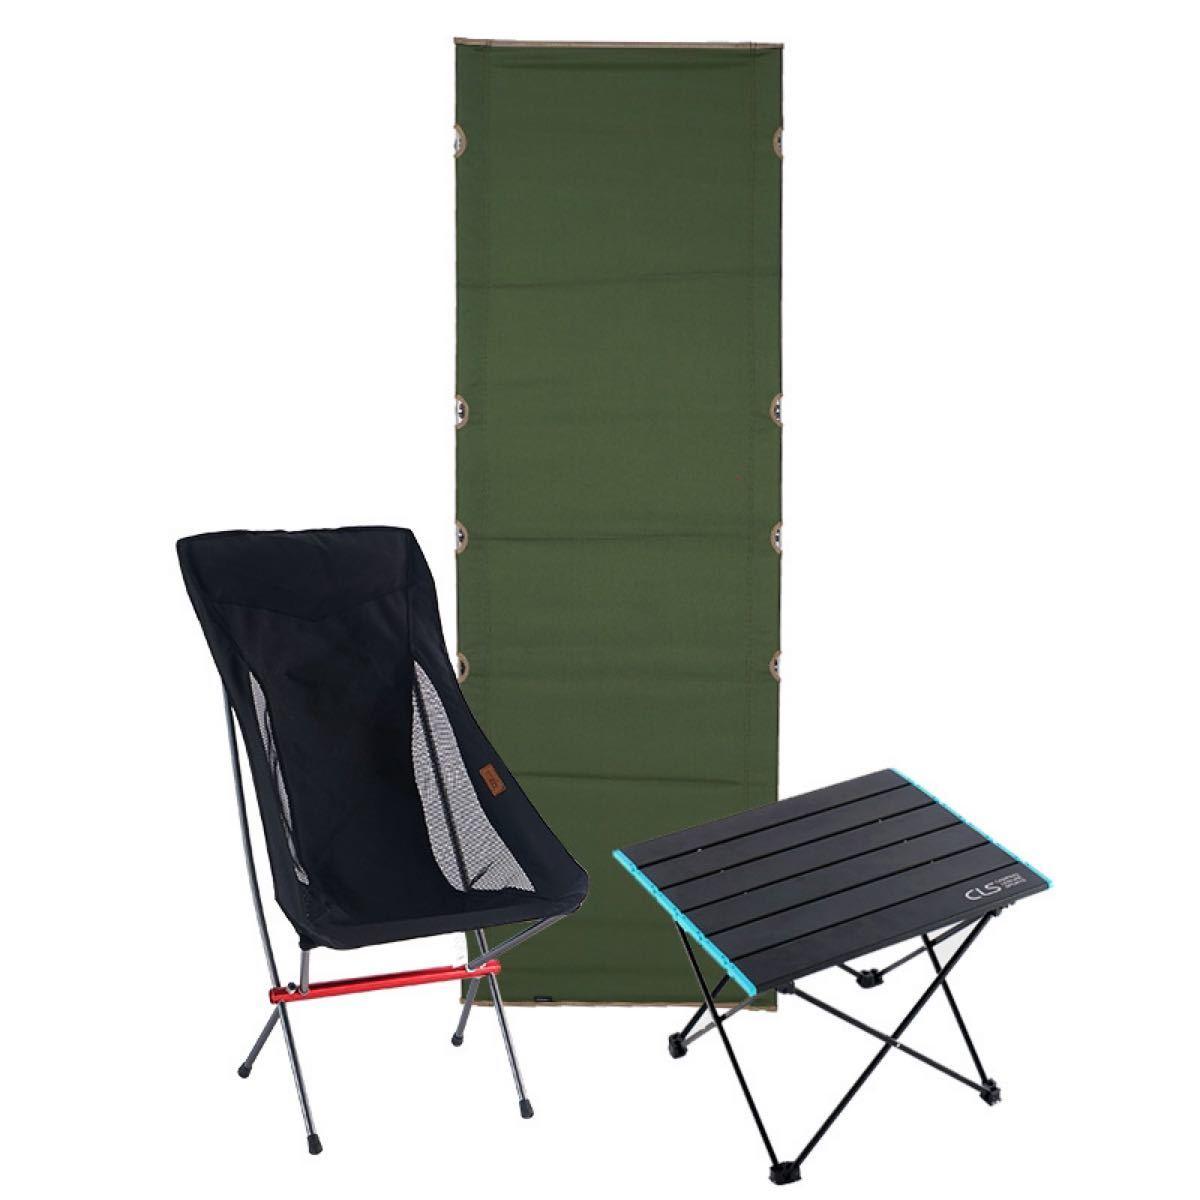 コット アウトドアベッド キャンプ 簡易ベッド 軽量 黒 黄色 緑 グレー 人気